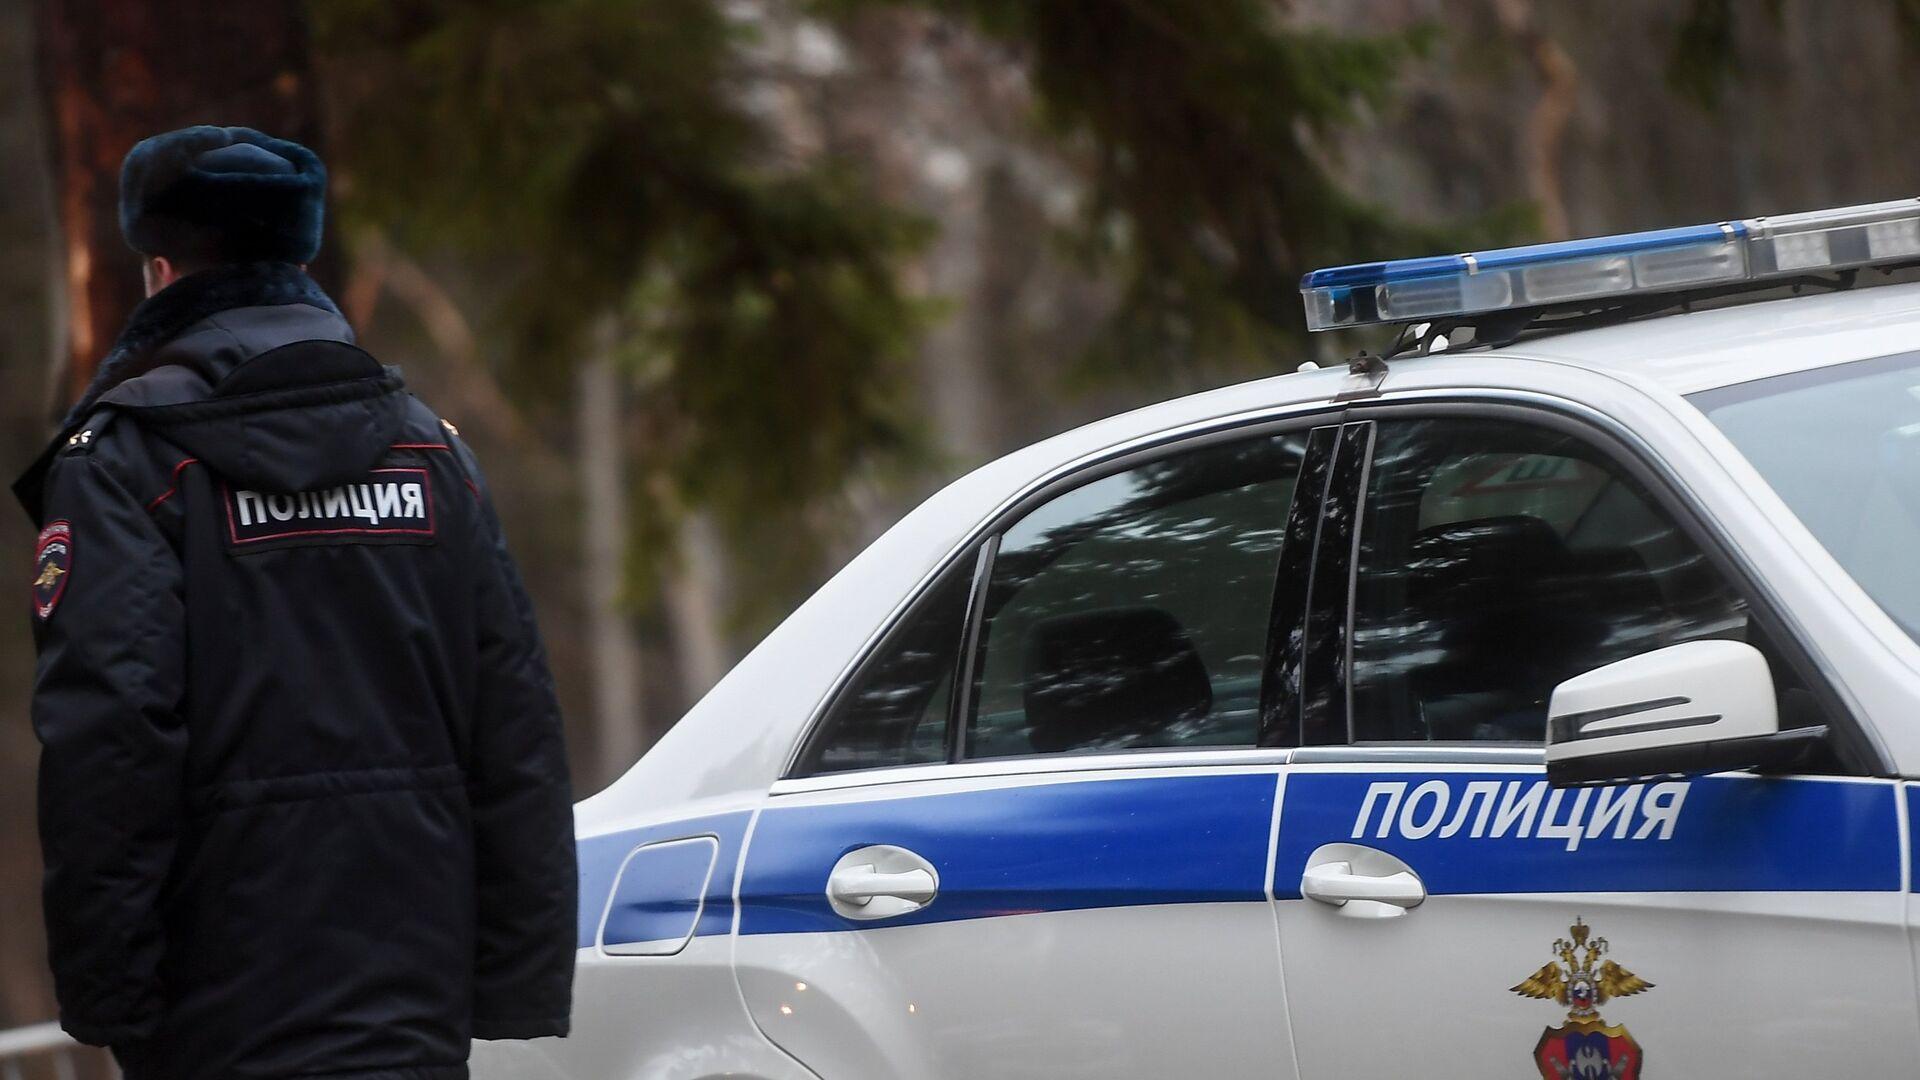 Сотрудник полиции возле служебного автомобиля - РИА Новости, 1920, 08.10.2019